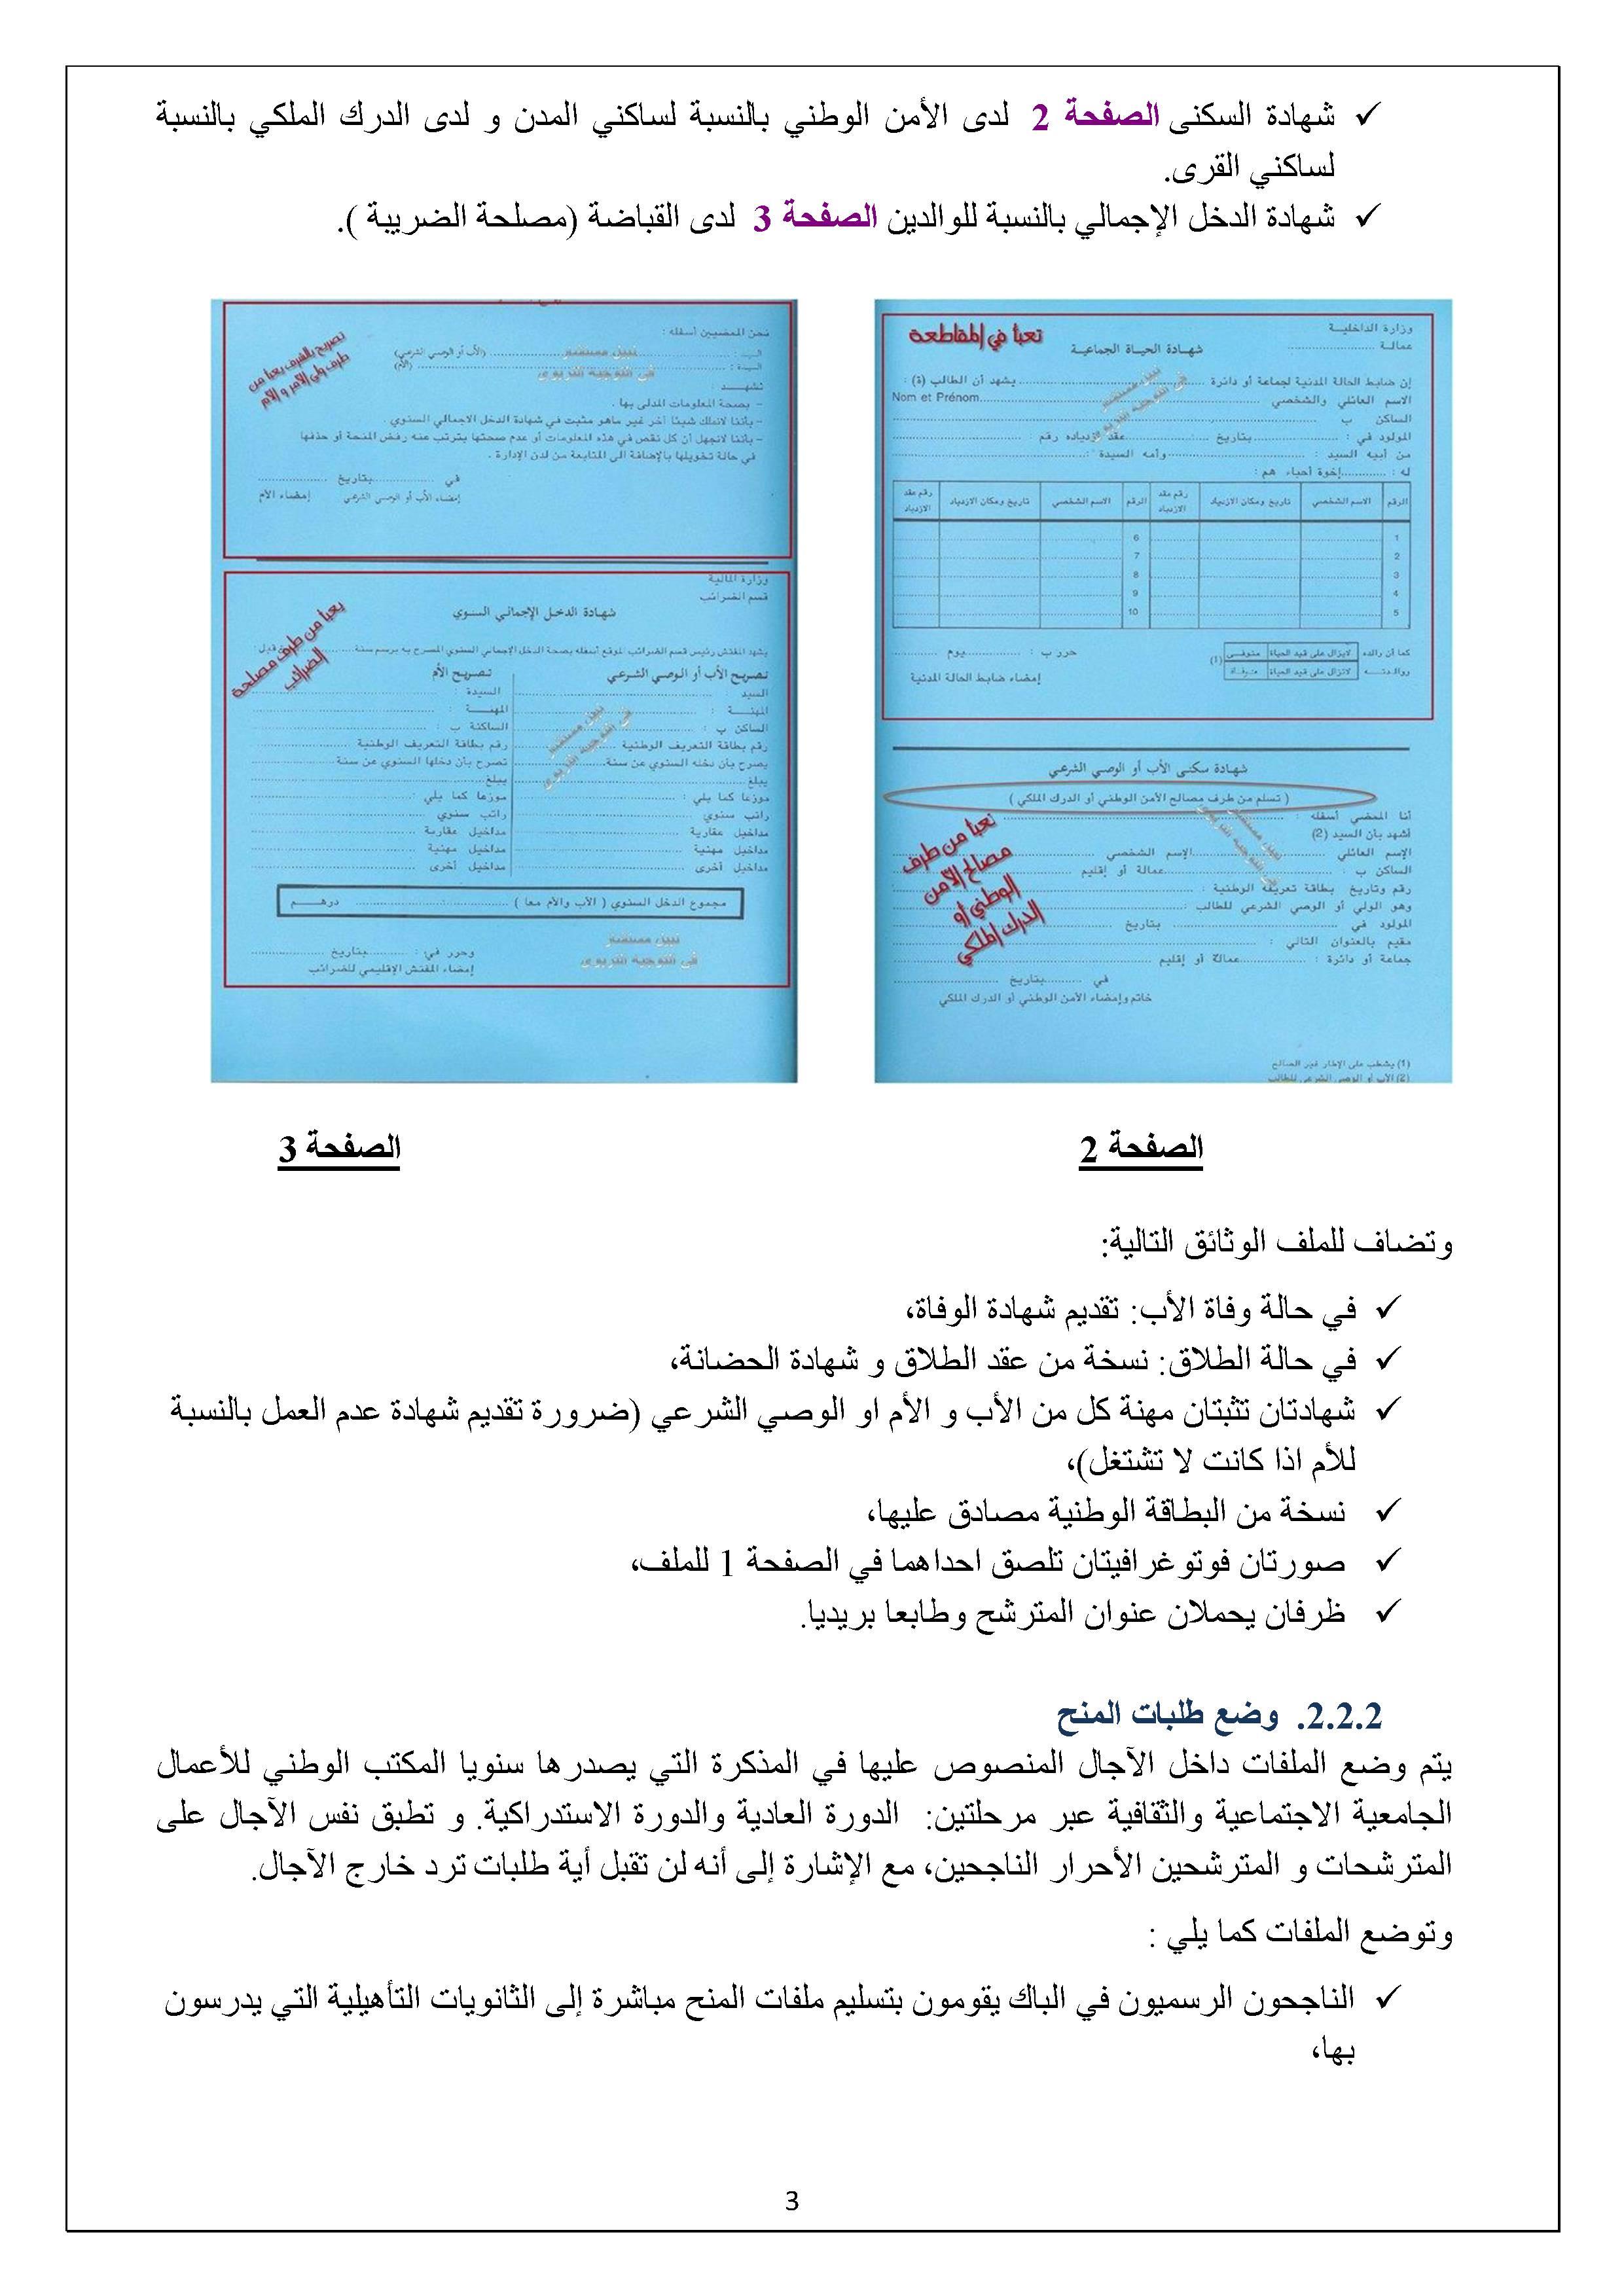 وثائق الحصول على المنحة الجامعية 2016 بالمغرب 4